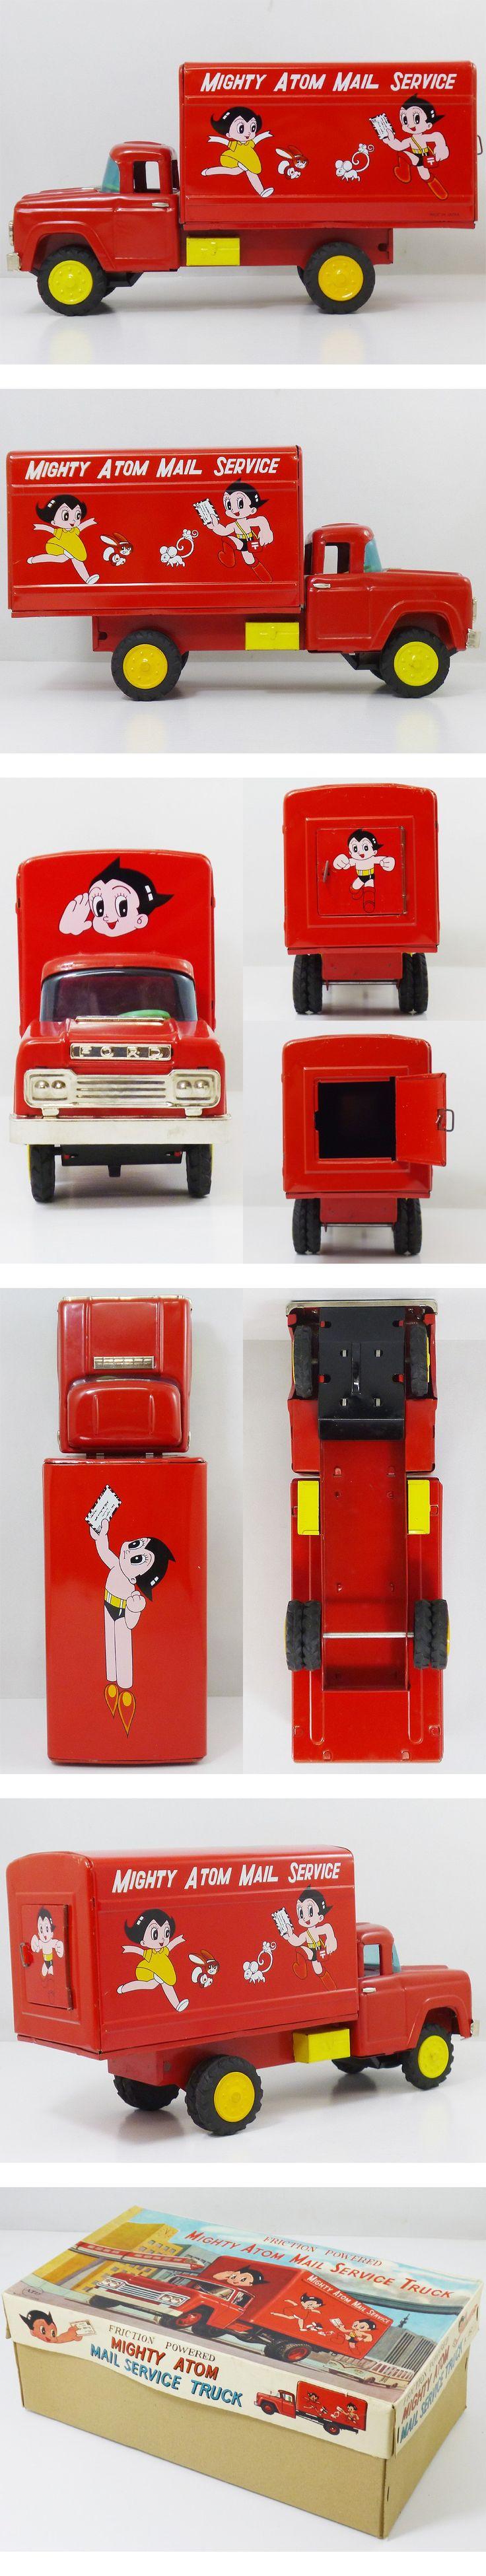 powered by auction-labo.com 今回、コレクション整理のため出品いたします。 浅草玩具製 ブリキのアトム郵便トラックです。 動力はフリクションで状態も良いです。 商品のコンディションもとてもよいので、デッドストック品だったのかもしれません。 箱もフタの側面など多少しわ等がございますが、目立った破れなどもなくこちらもコンディションは良いと思います。 ここまでの状態でしかも箱付きの物はなかなか出てこない稀少なものだと思います。 サイズ:全長約30cm 1960年代 ATD 浅草玩具 製